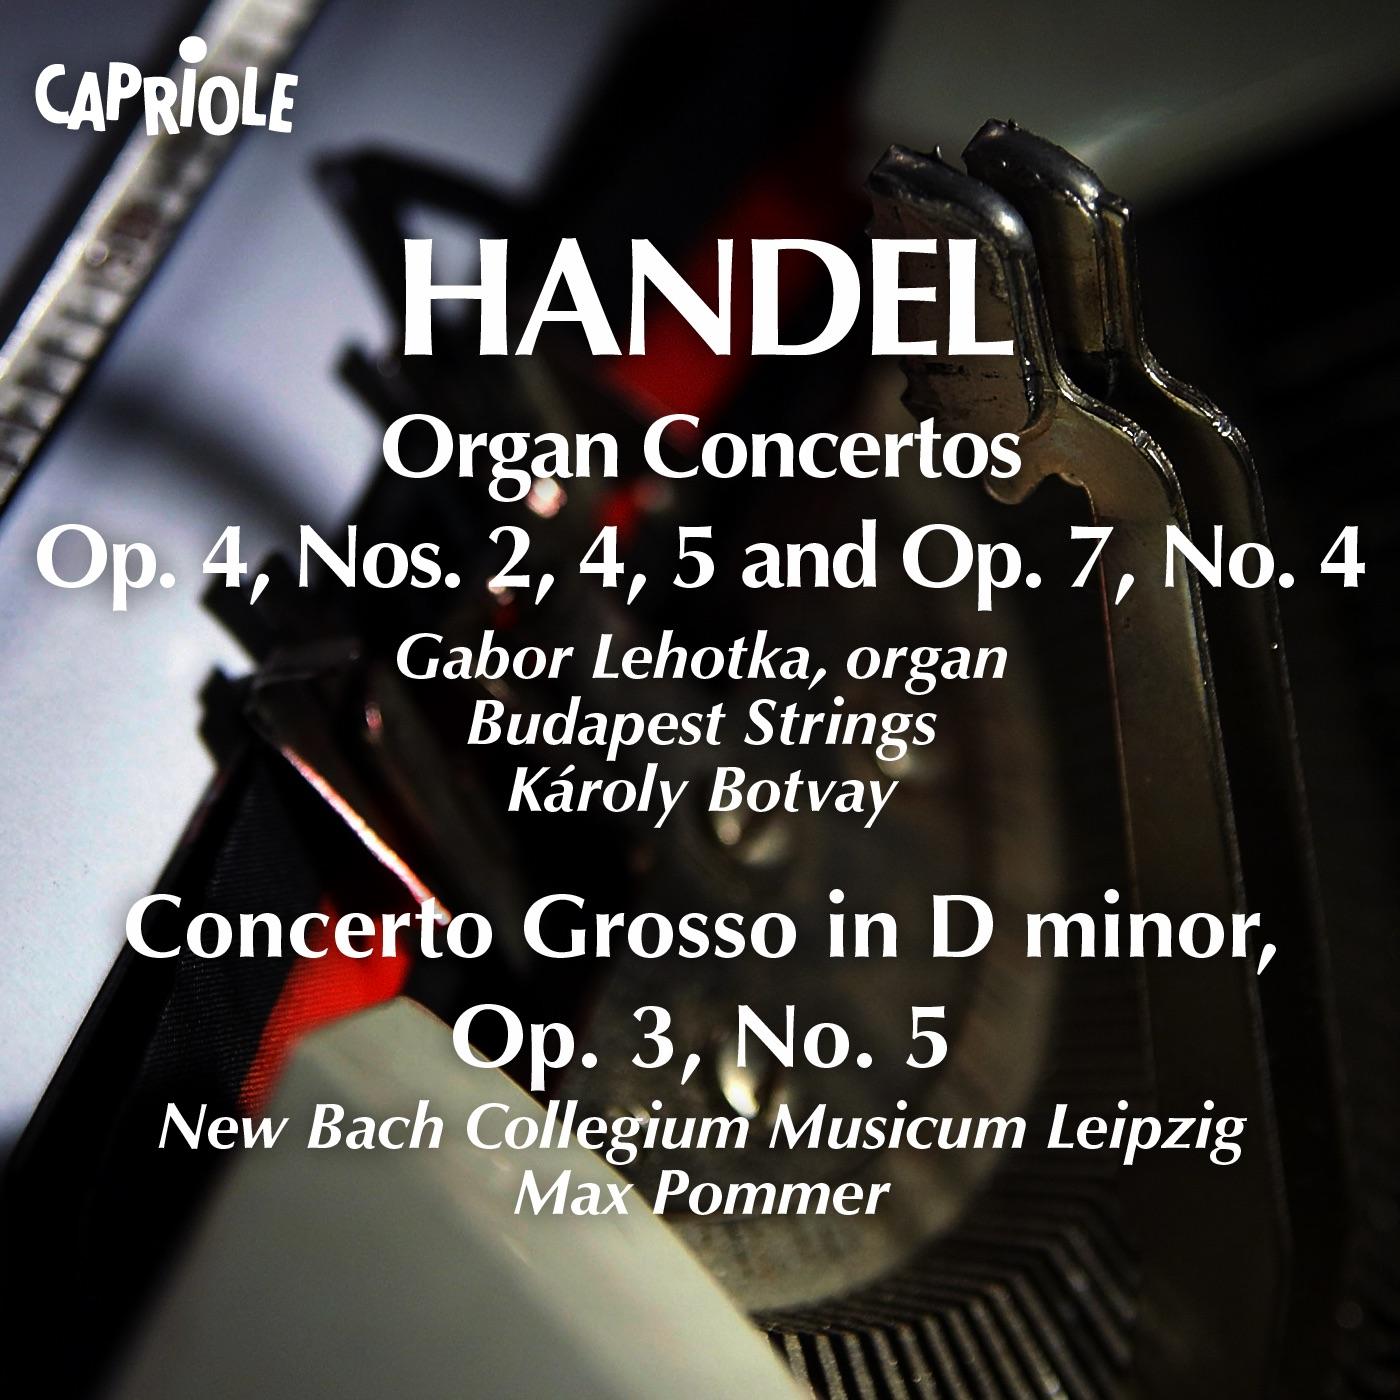 Handel, G.F.: Organ Concertos, Op. 4, Nos. 2, 4, 5 and Op. 7, No. 4